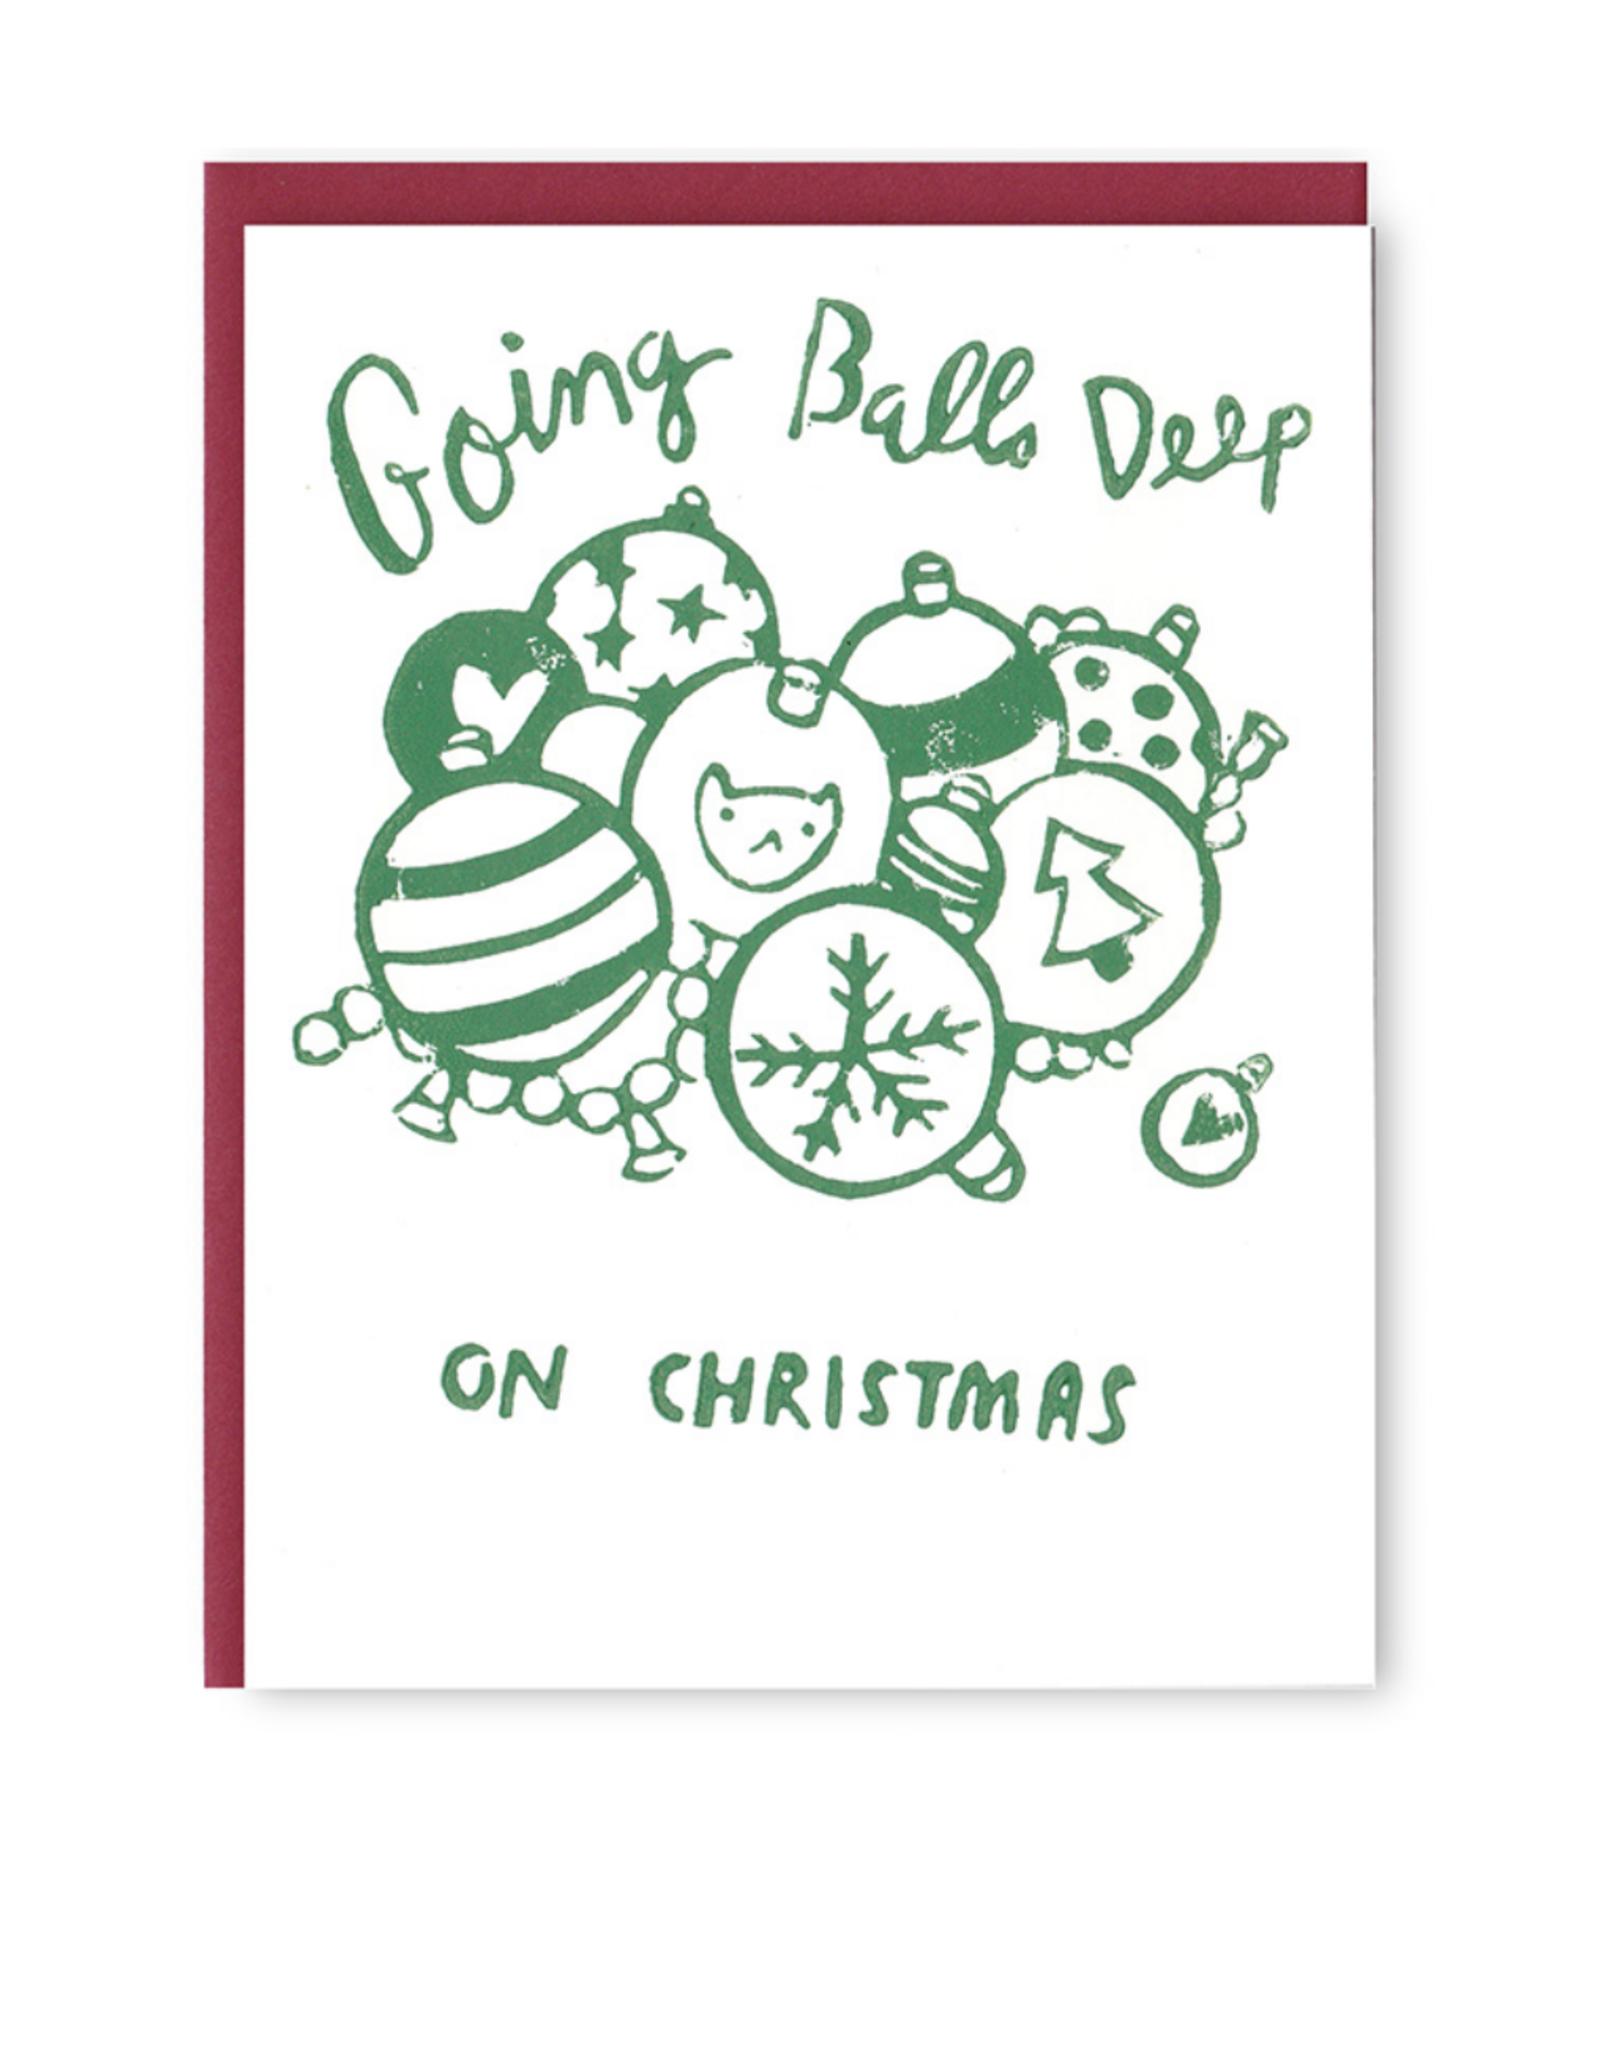 Balls Deep Holiday Greeting Card